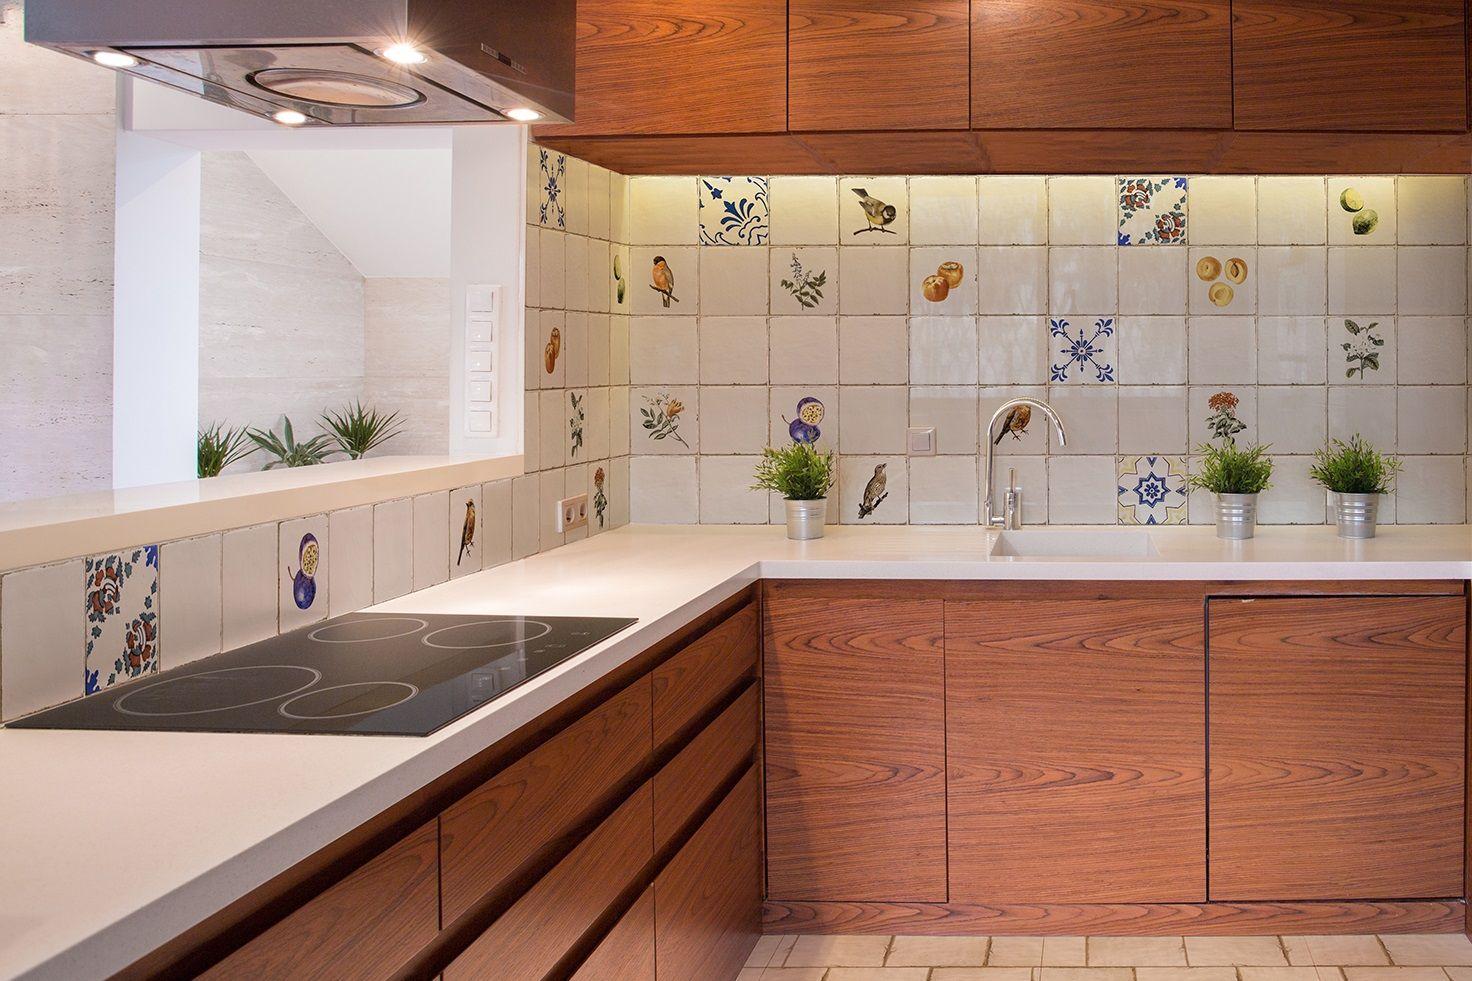 küchenspiegel fliese vintage antik dekore wandfliese historisch